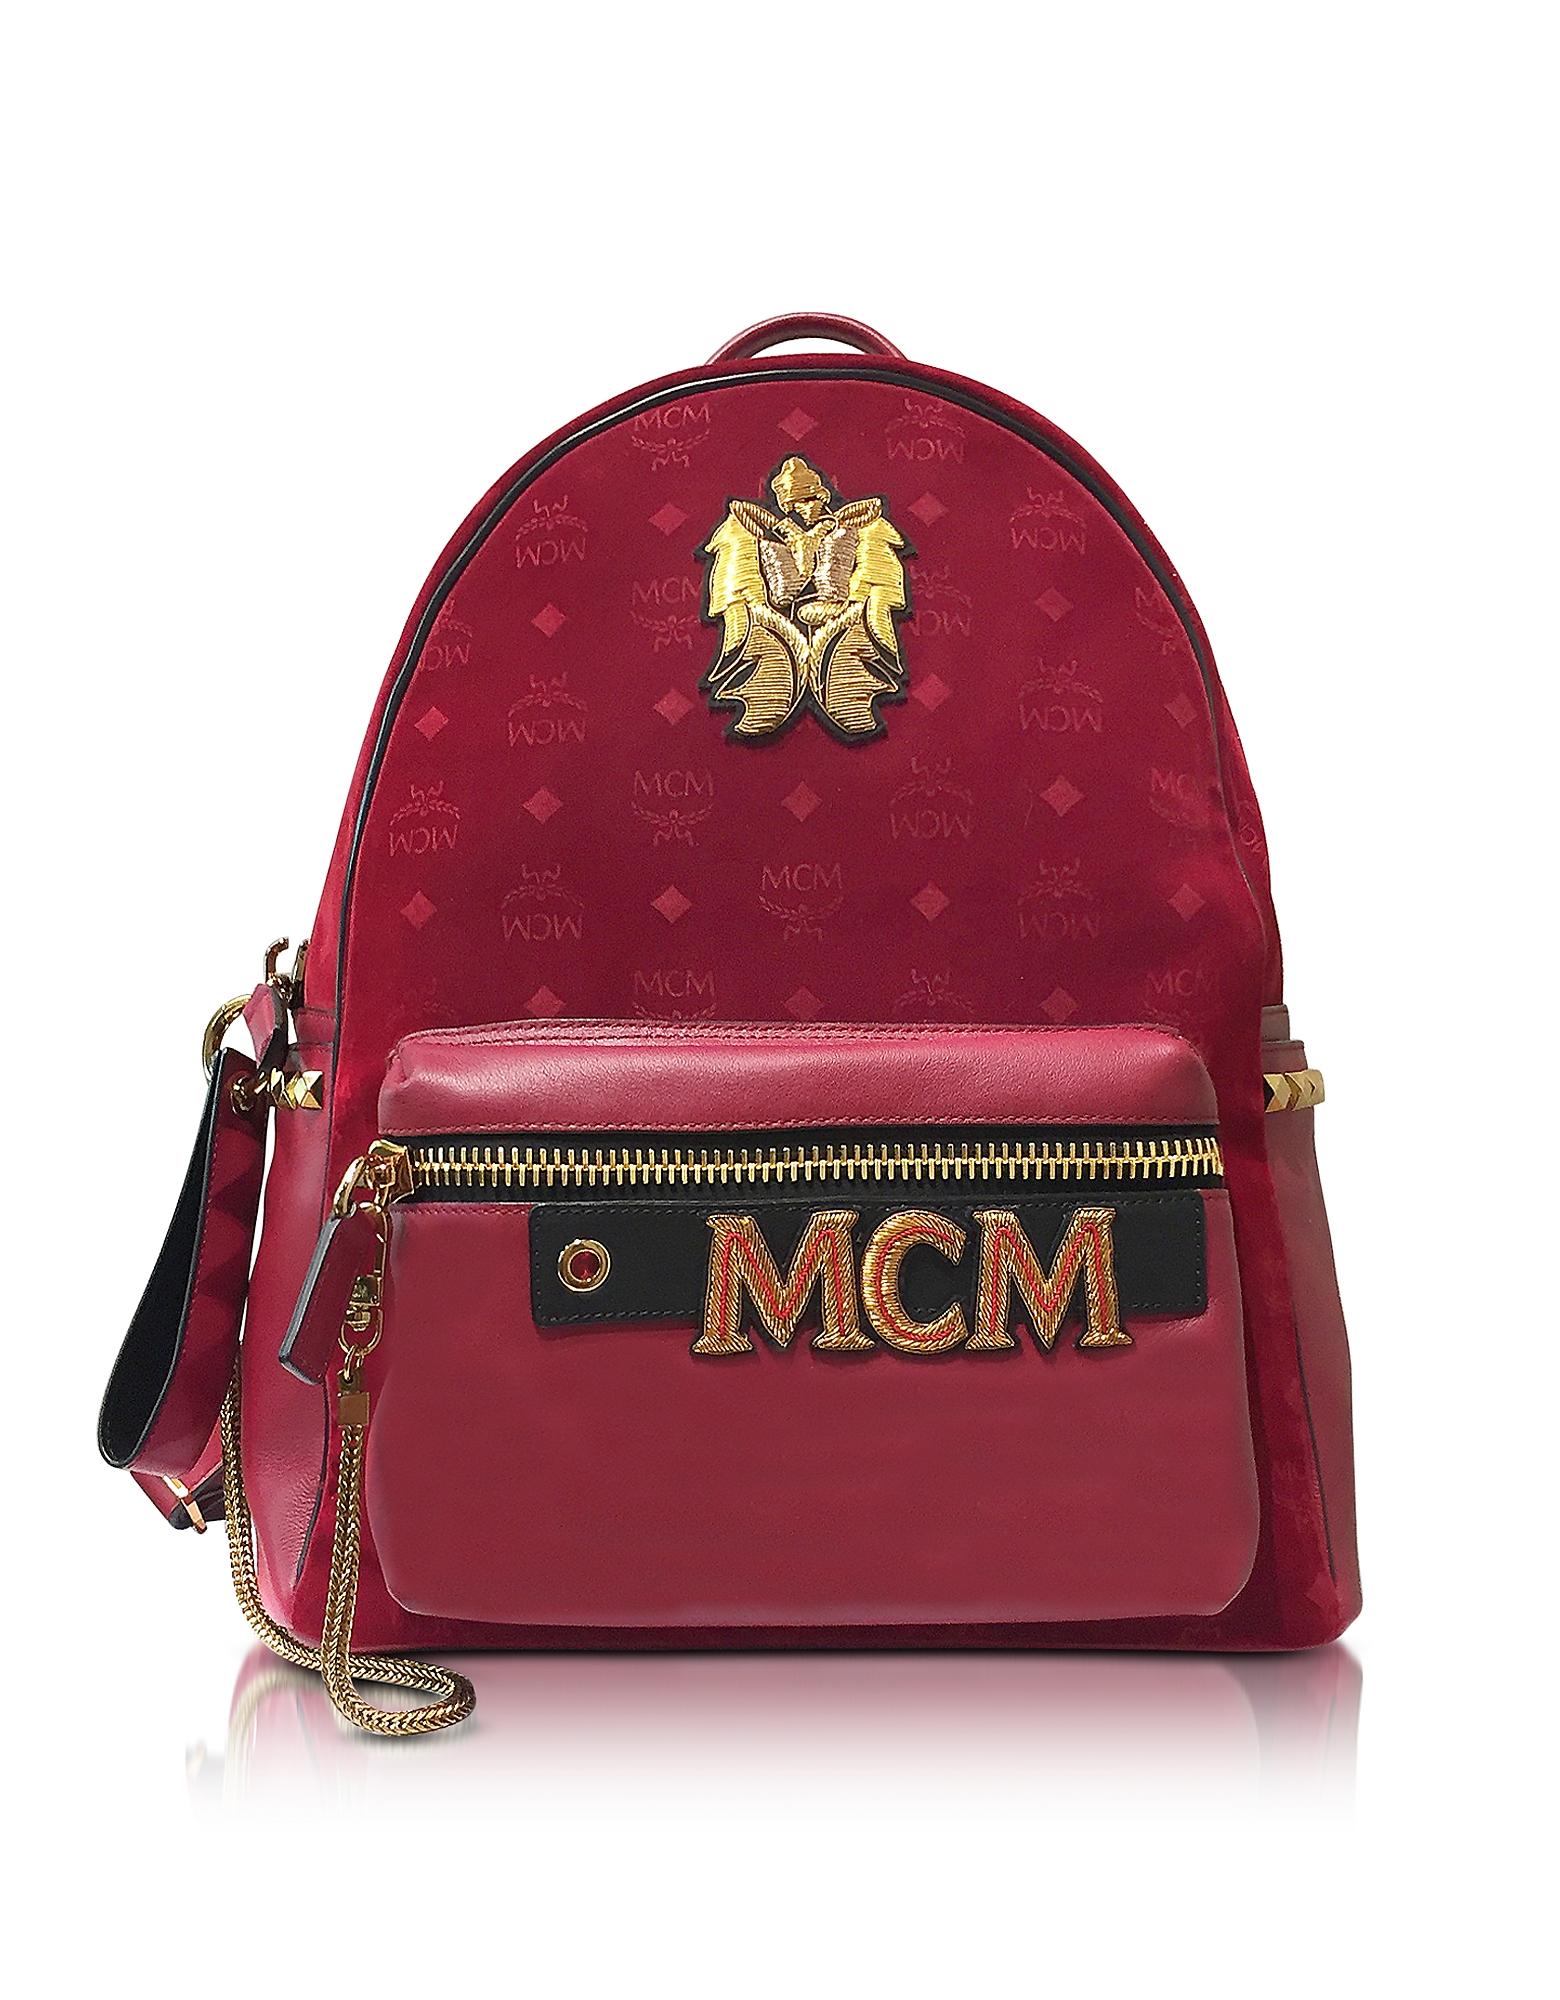 Фото Stark Velvet Insignia - Рубиново-Красный Рюкзак Среднего Размера. Купить с доставкой